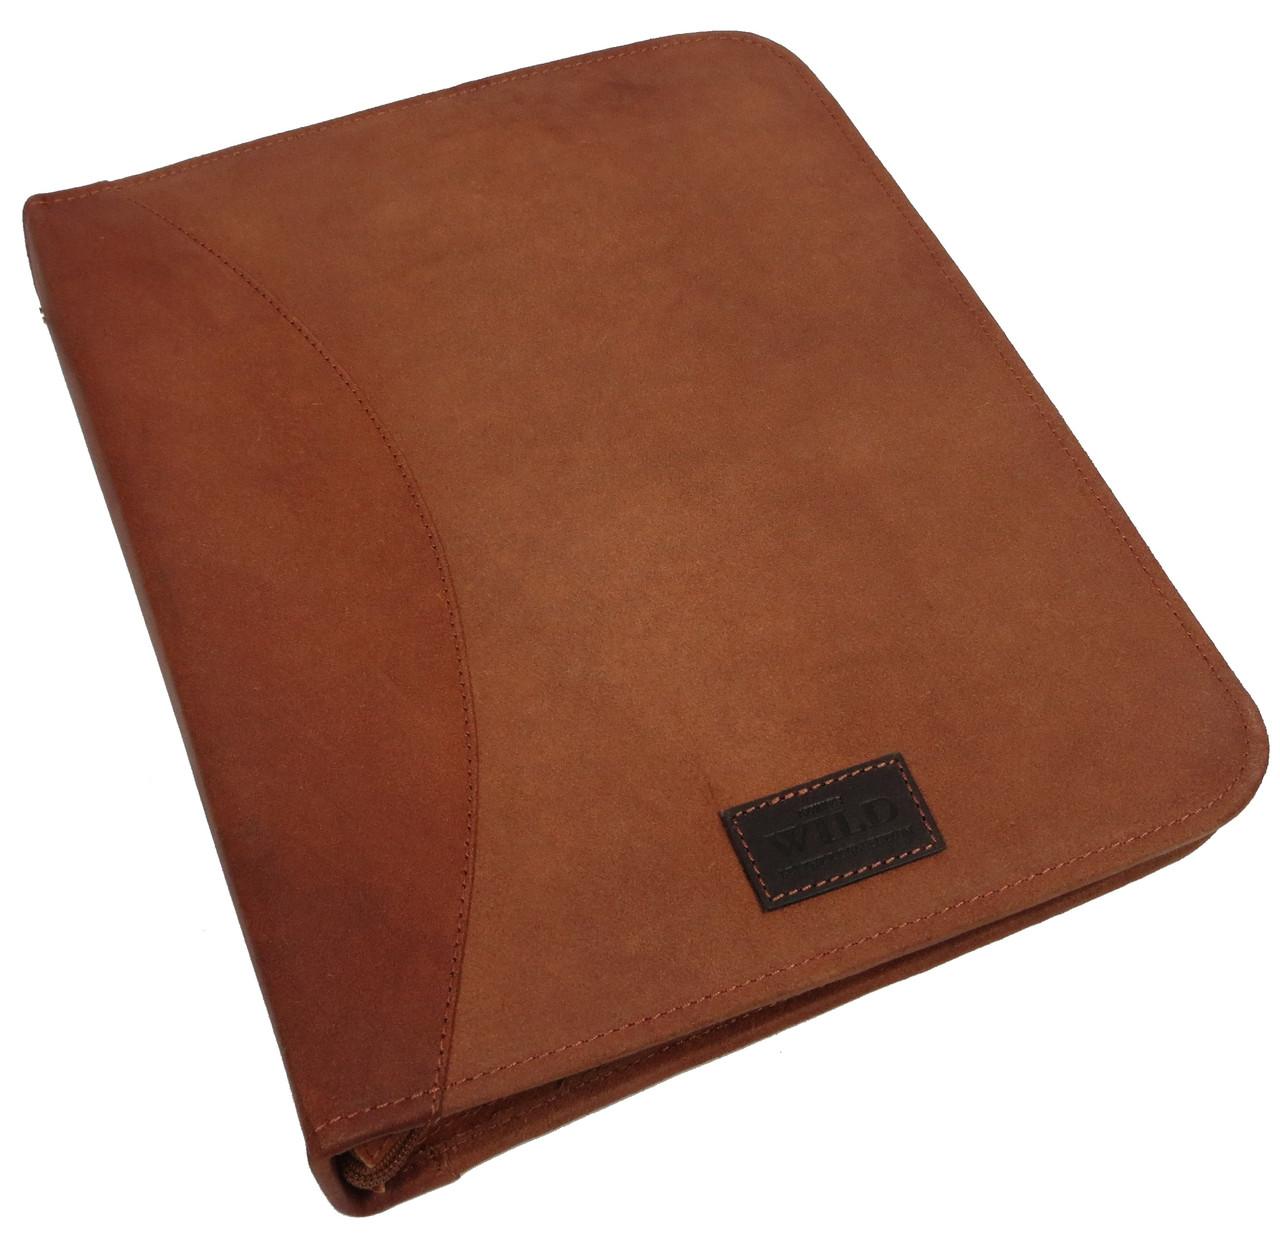 e22fb623a4f6 Мужская папка для документов Always Wild NZ-722 рыжая – купить в ...